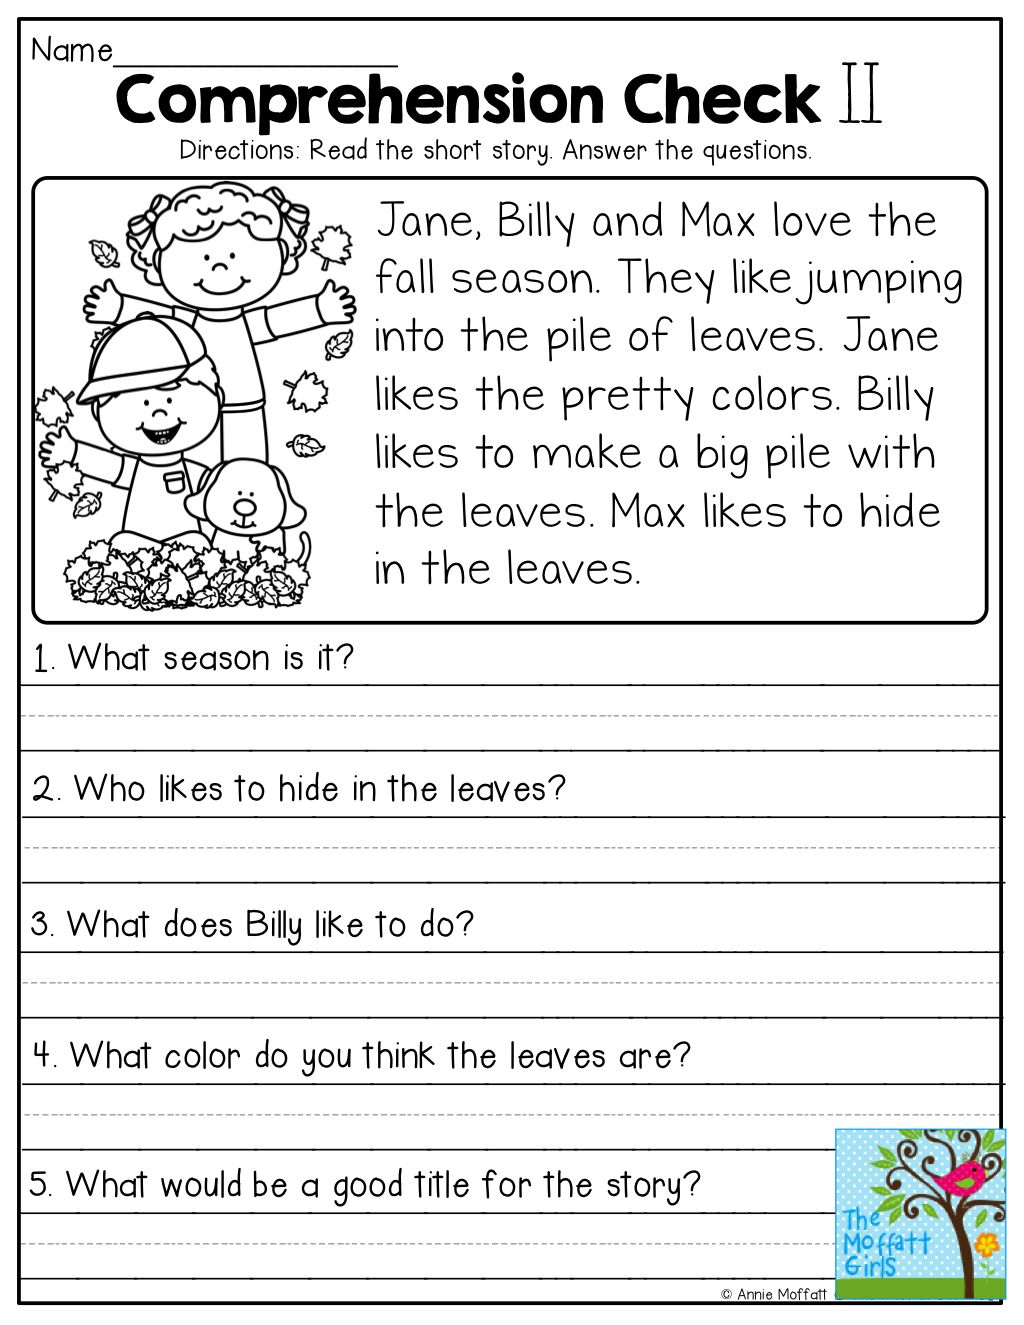 Image result for october reading comprehension worksheets 1st grade    Reading comprehension worksheets [ 1325 x 1024 Pixel ]